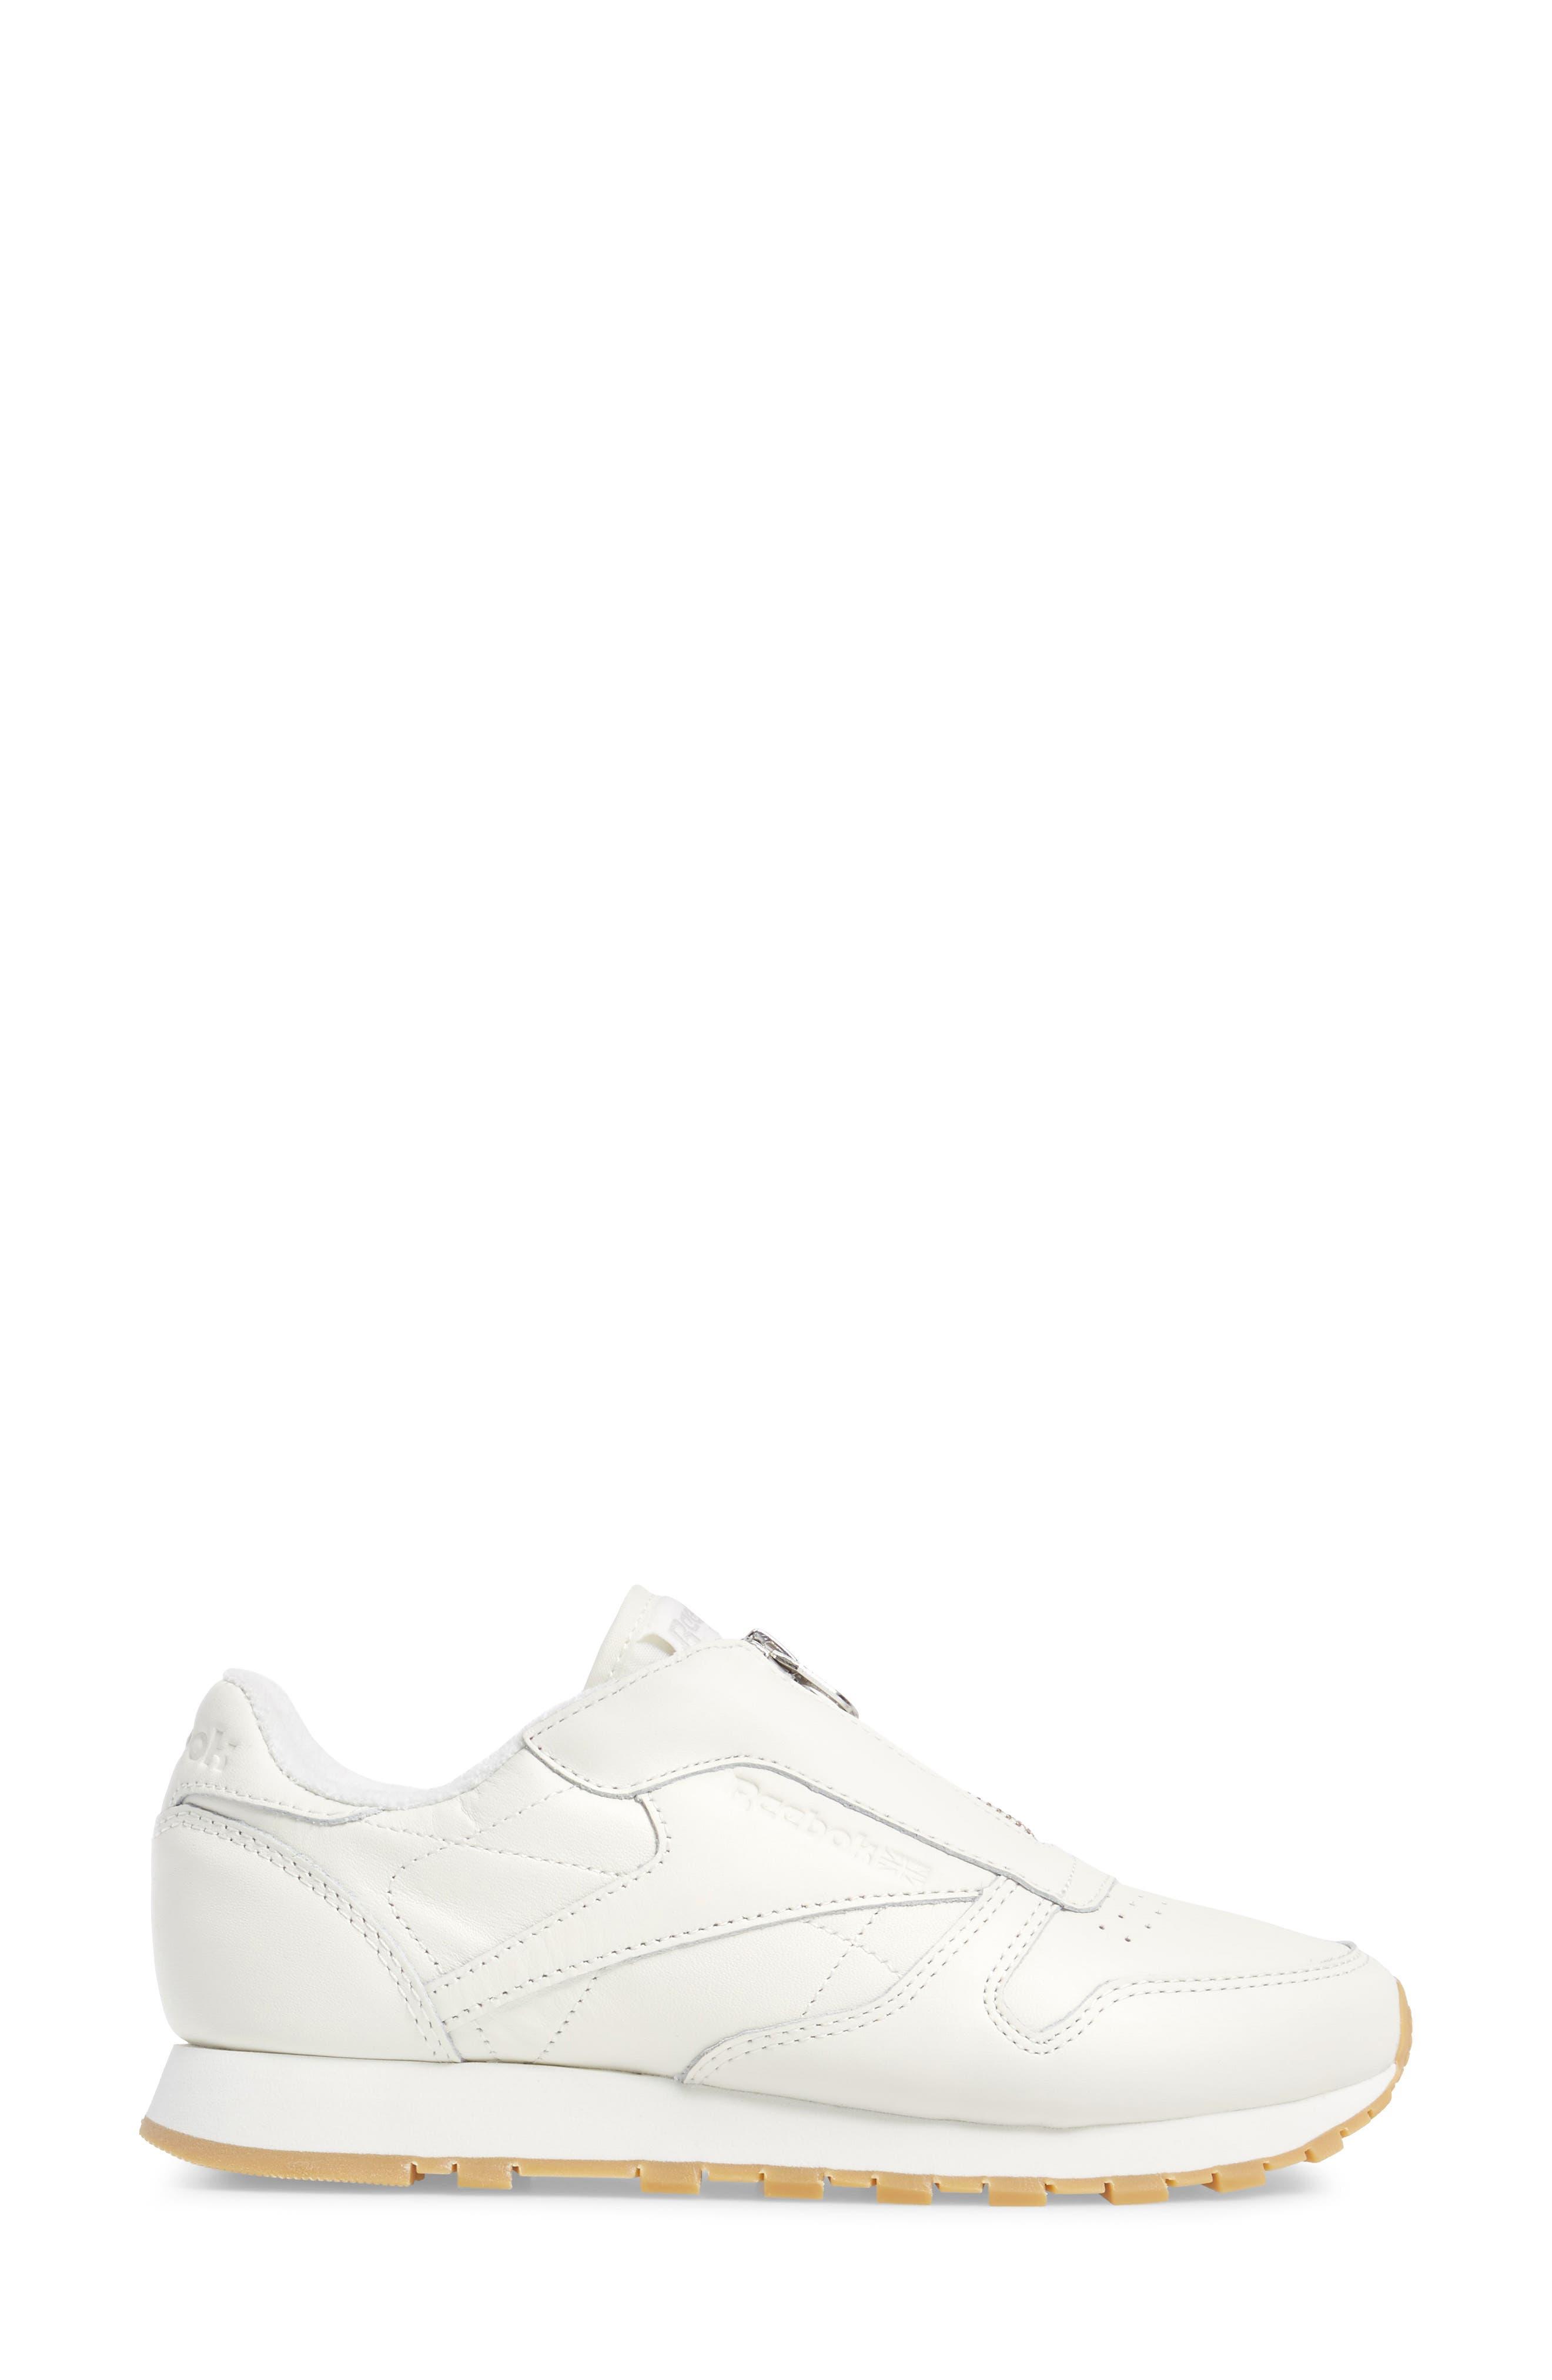 Alternate Image 3  - Reebok Classic Leather Zip Sneaker (Women)